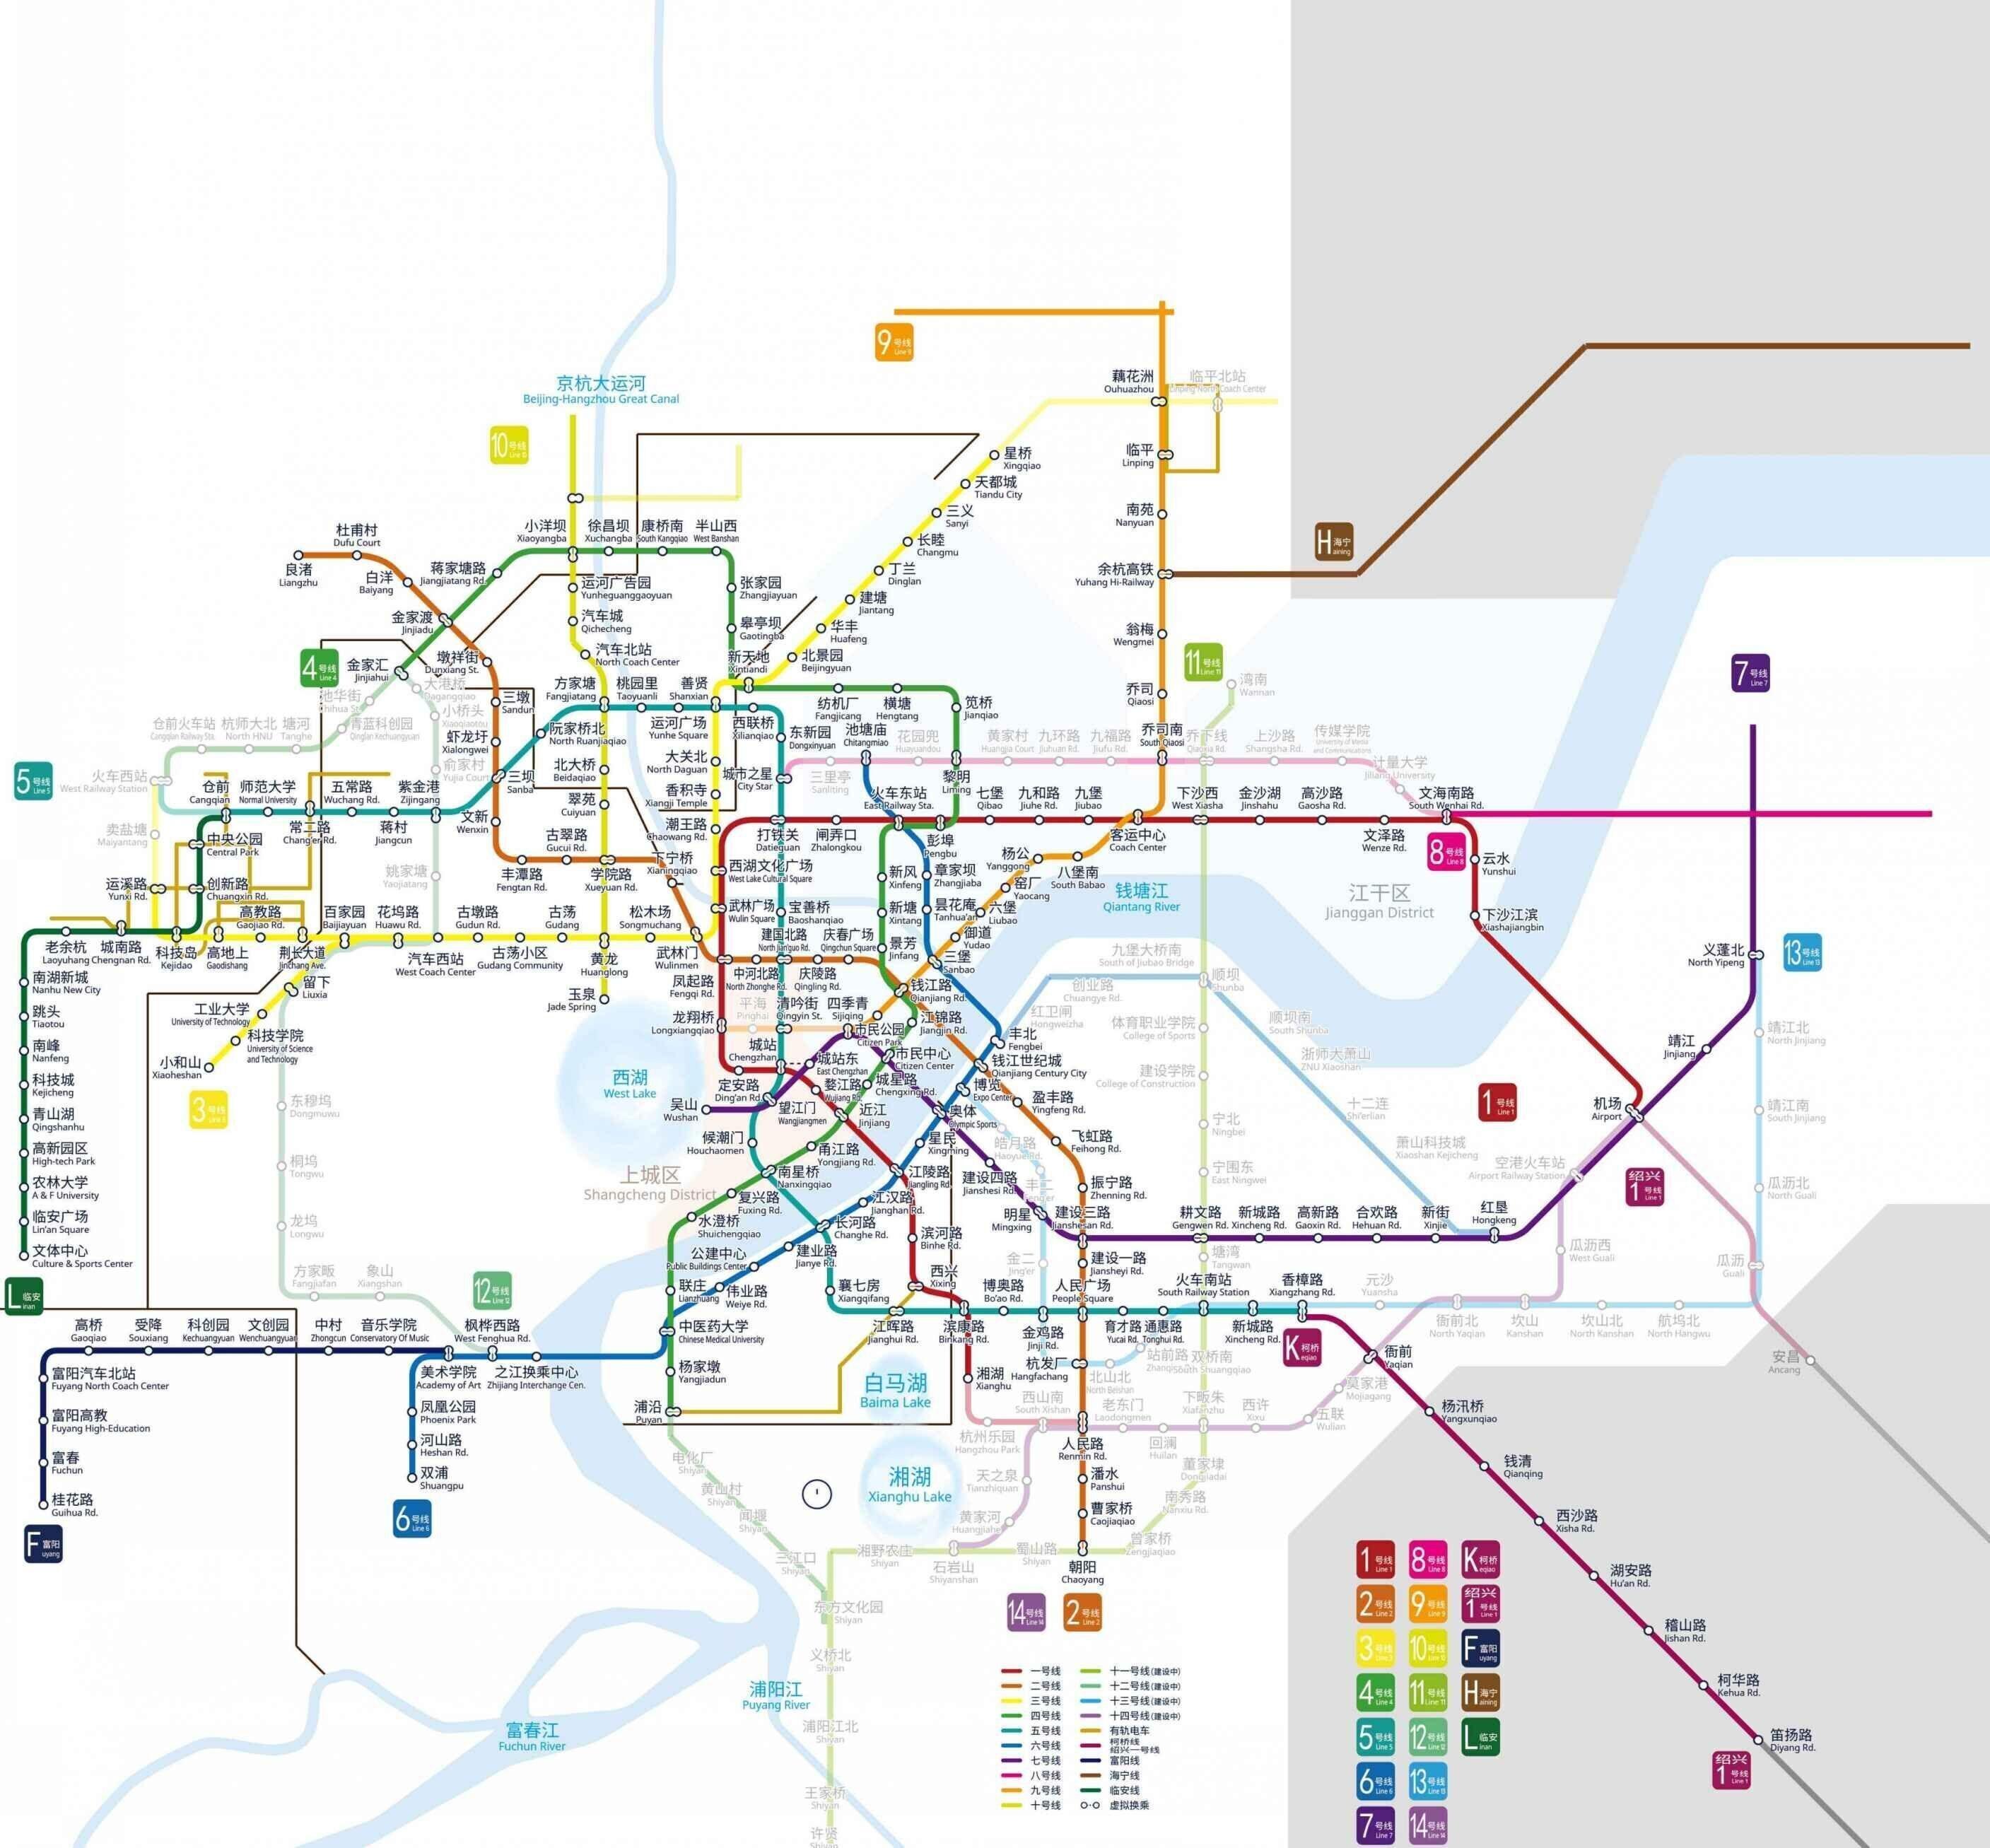 杭州地铁规划图曝光解析地铁沿线未开业商业项